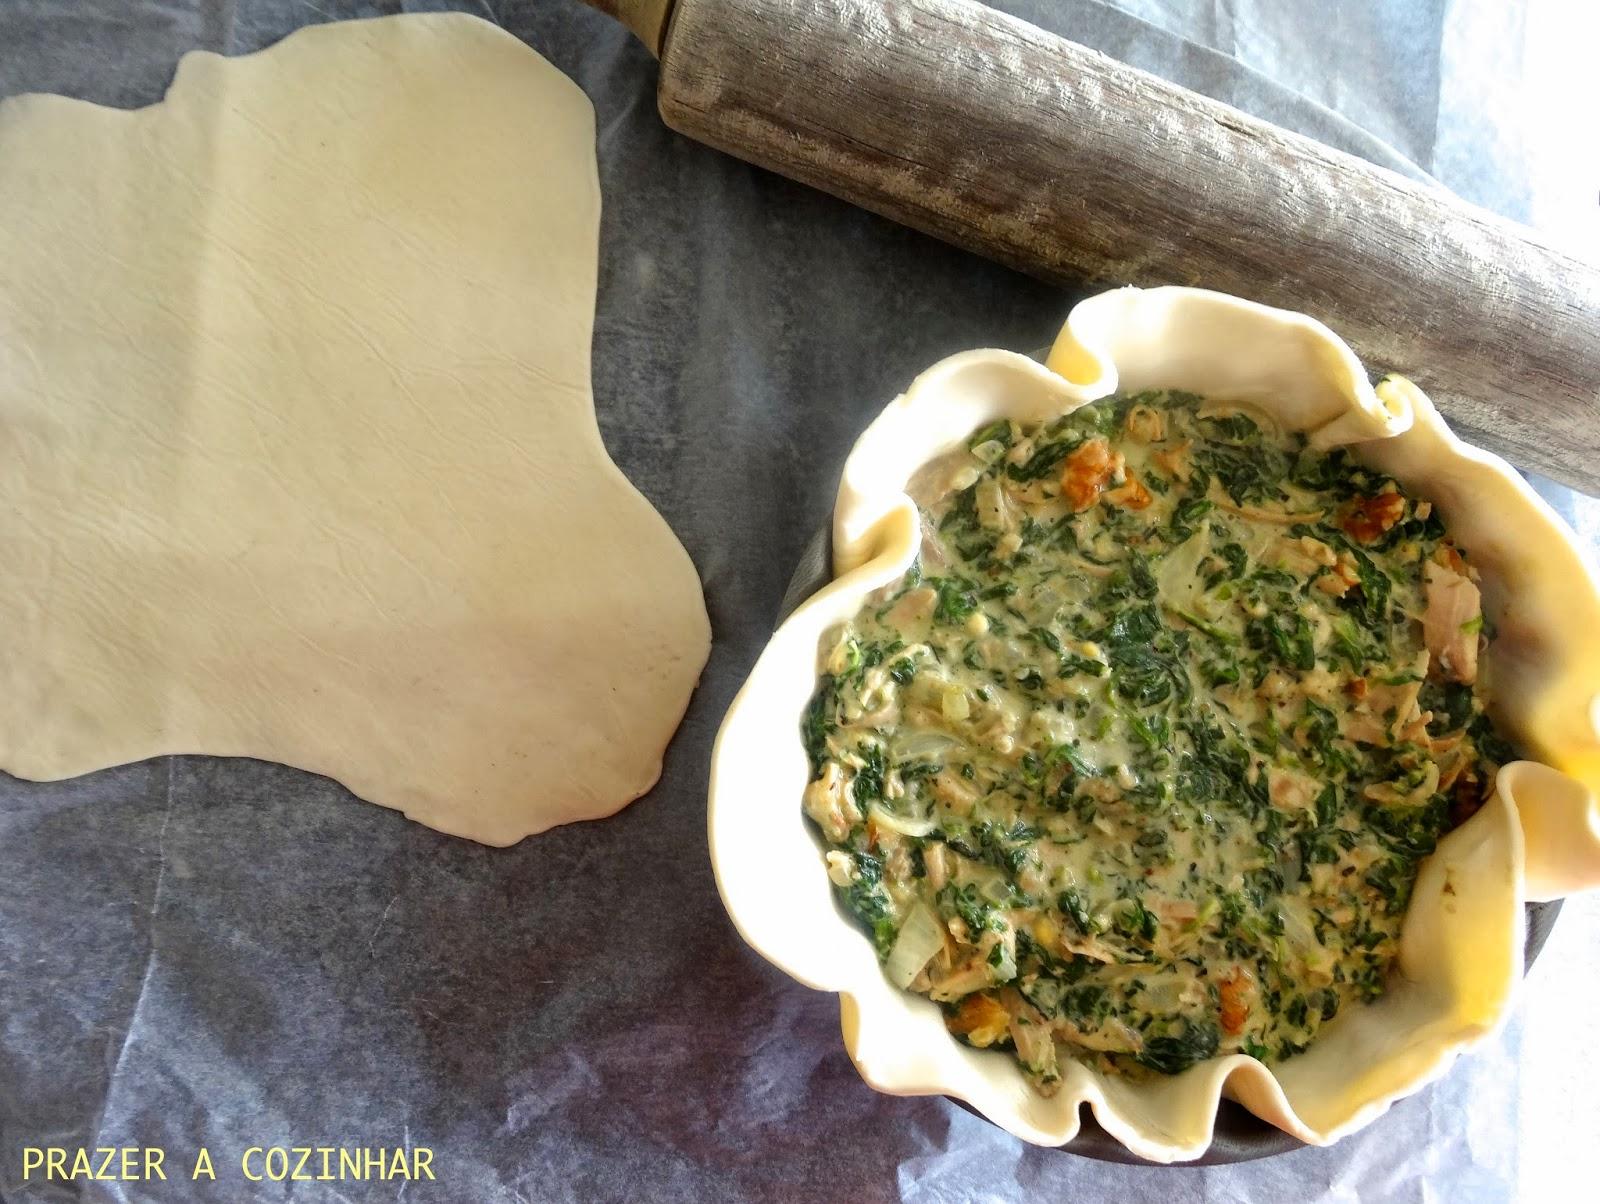 prazer a cozinhar - Empada de frango, espinafres e nozes